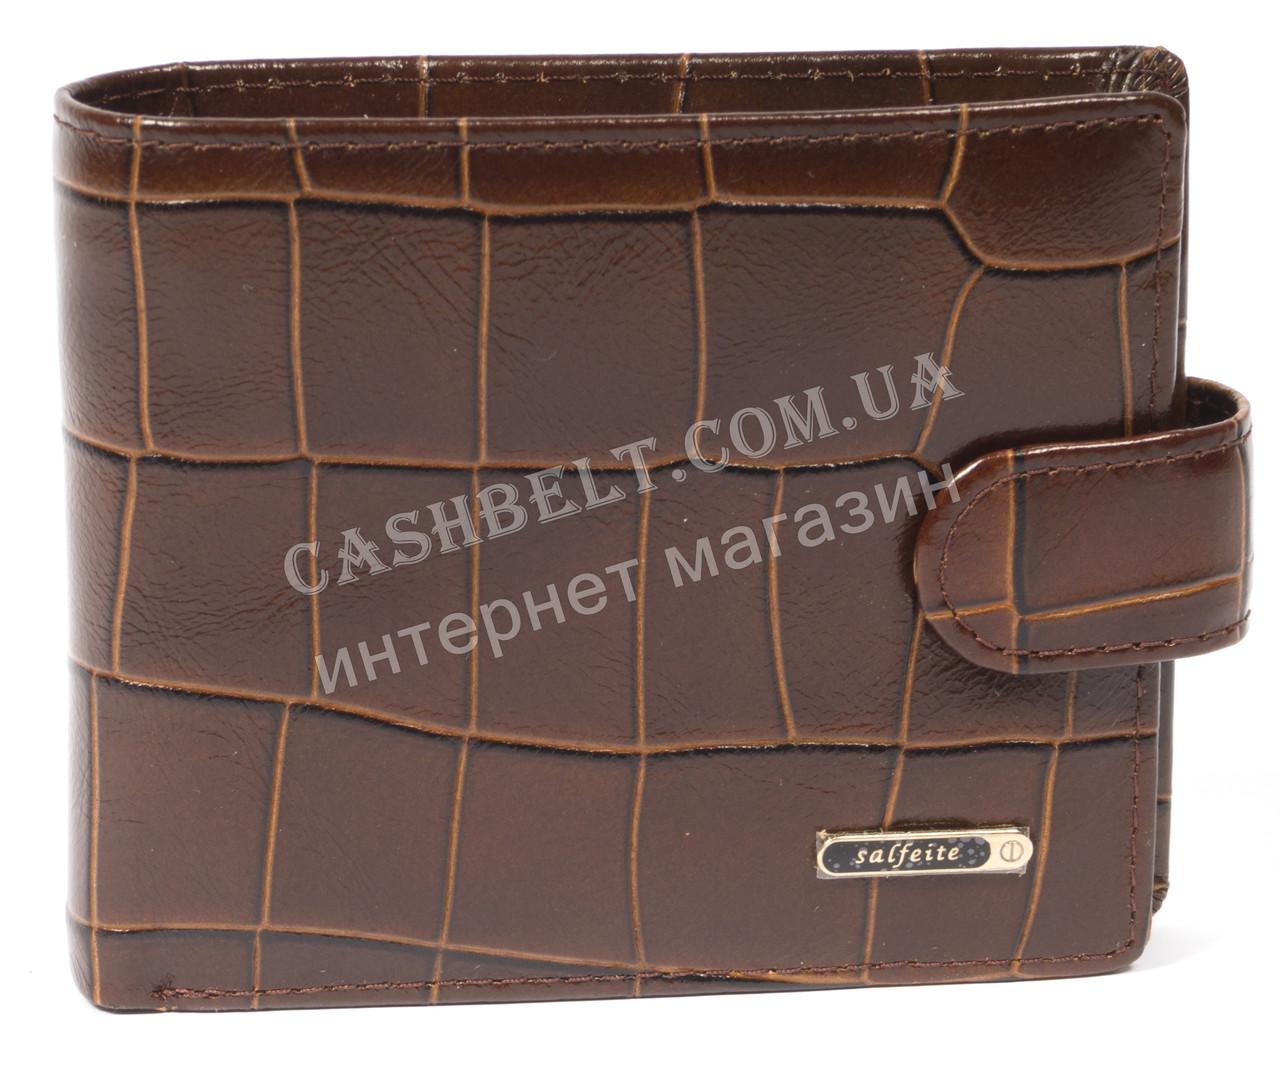 Мужской удобный кошелек с натуральной гладкой кожи под крокодила SALFEITE art. 2173T-F17 коричневый